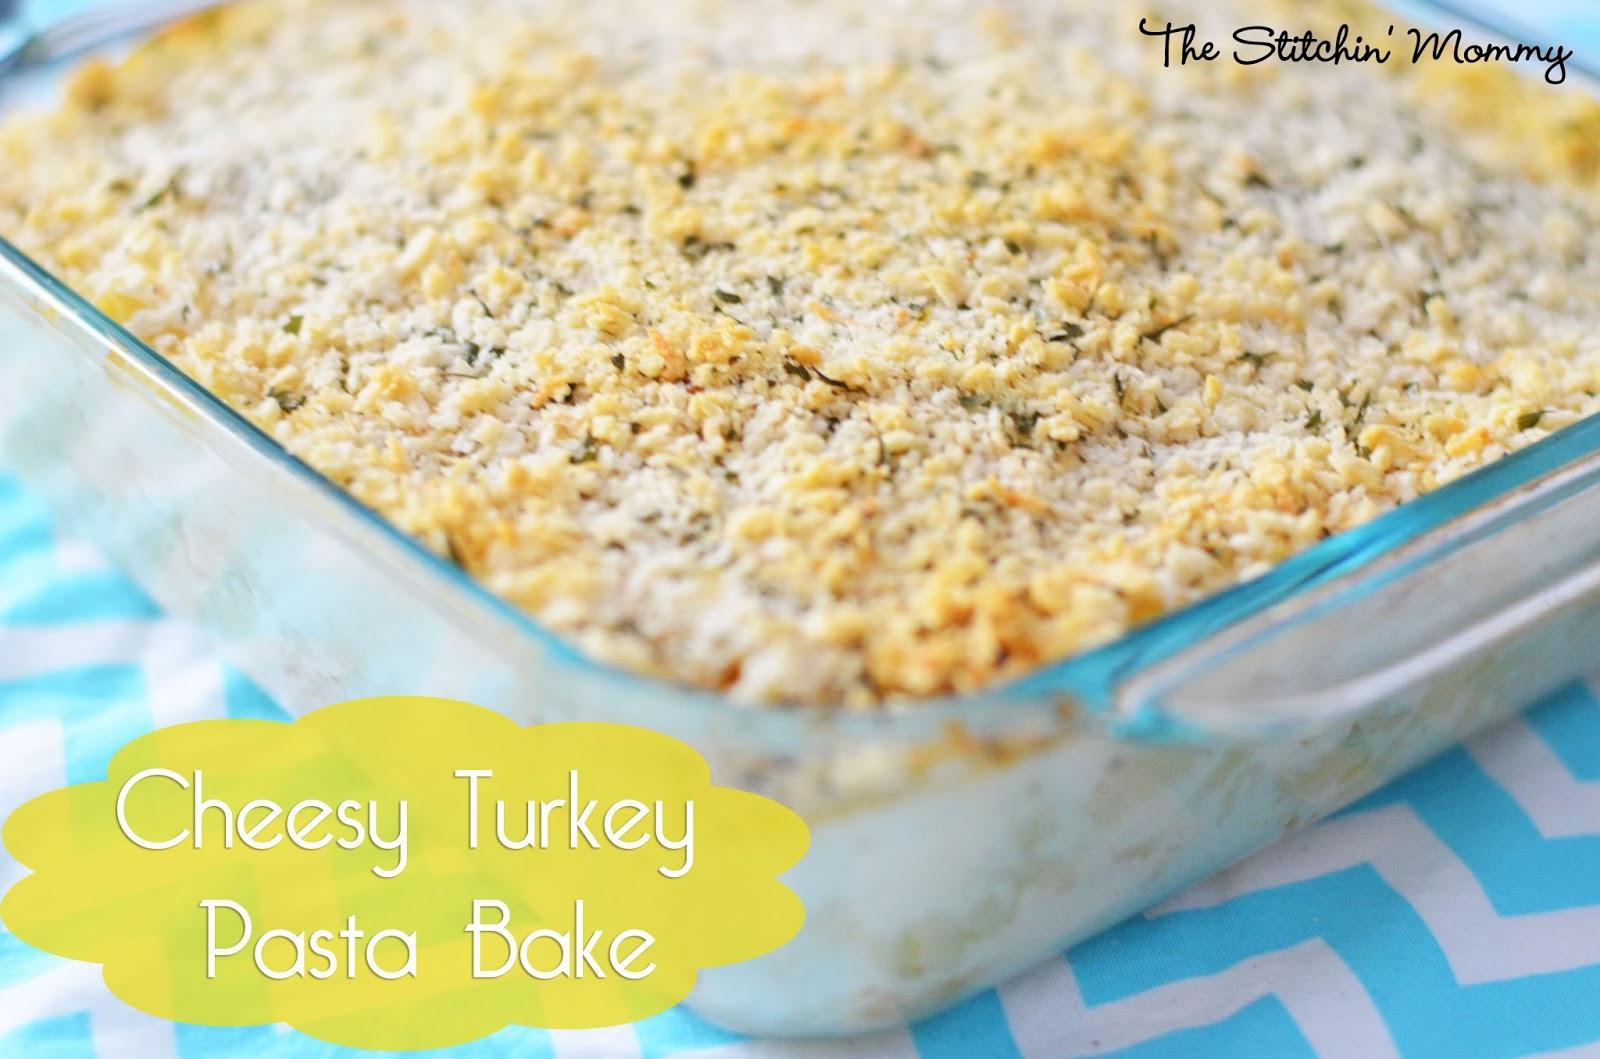 Cheesy Turkey Pasta Bake - The Stitchin Mommy